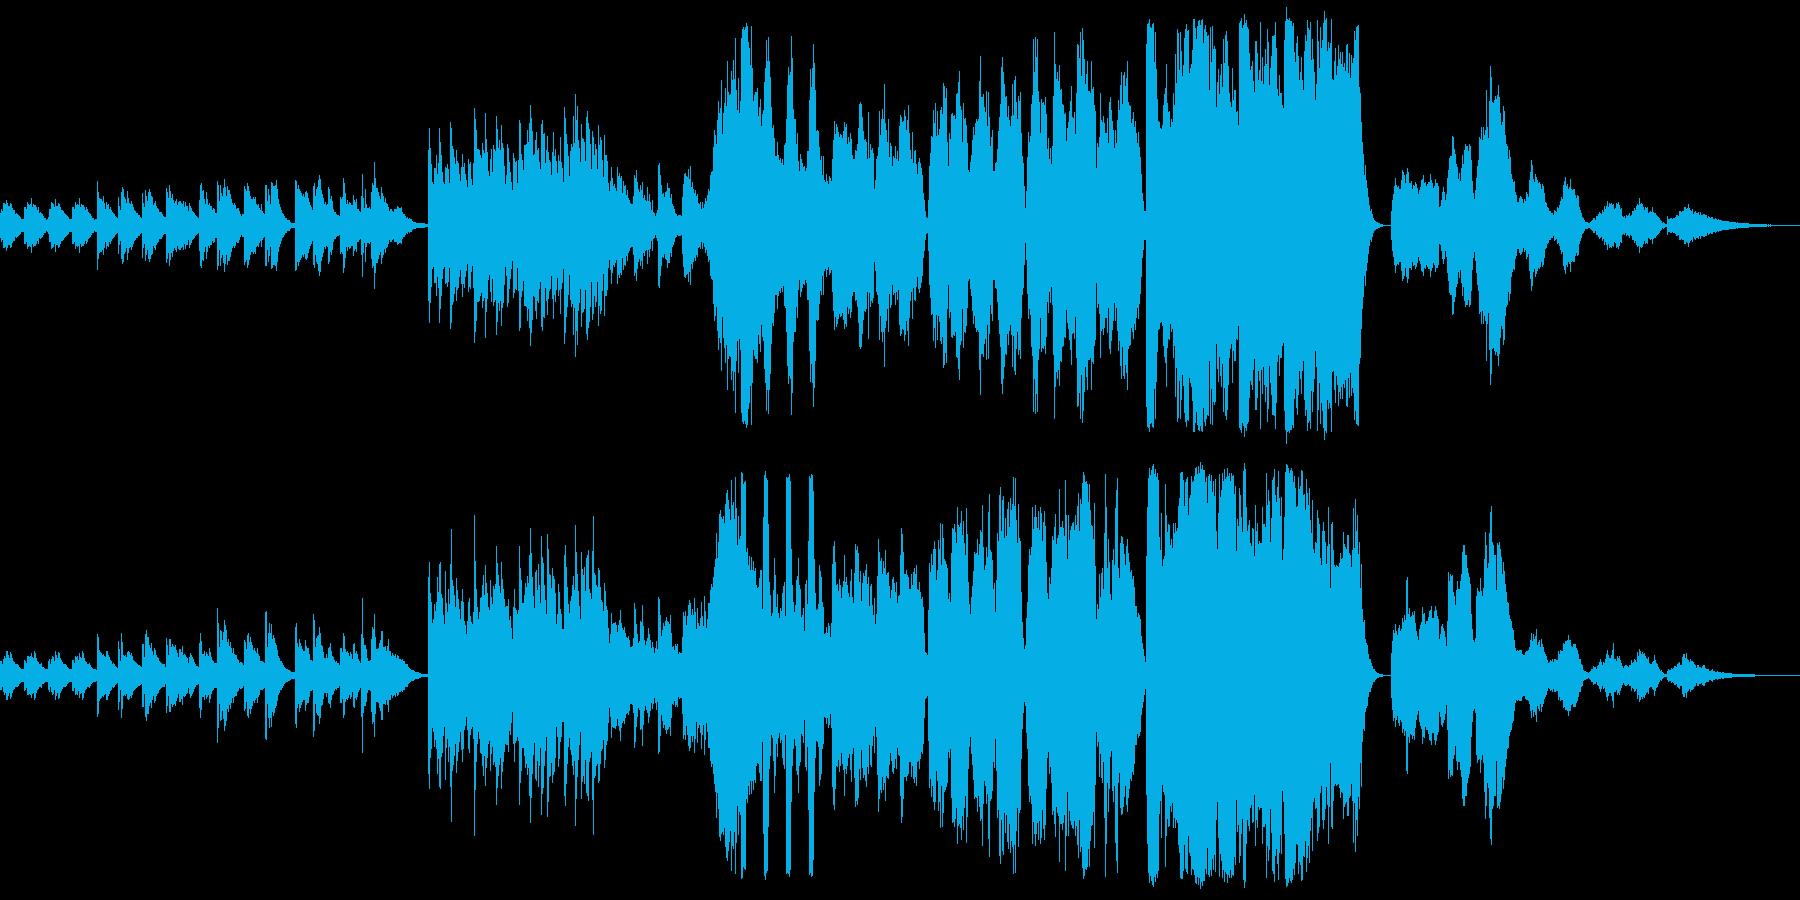 ピアノからオーケストラへ広がる音楽の再生済みの波形